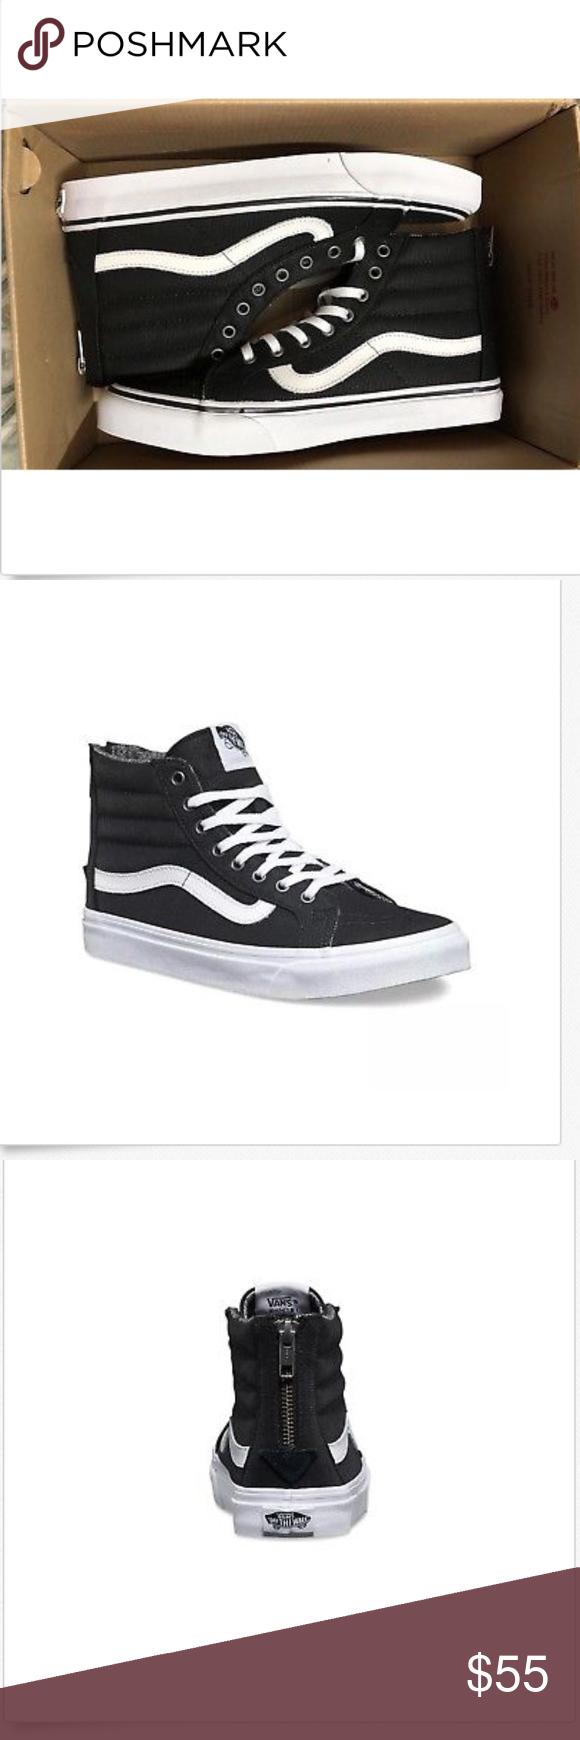 619b69e9ef88 Vans Sk8 Hi Slim Zip Tweed Dots Black True White NWT